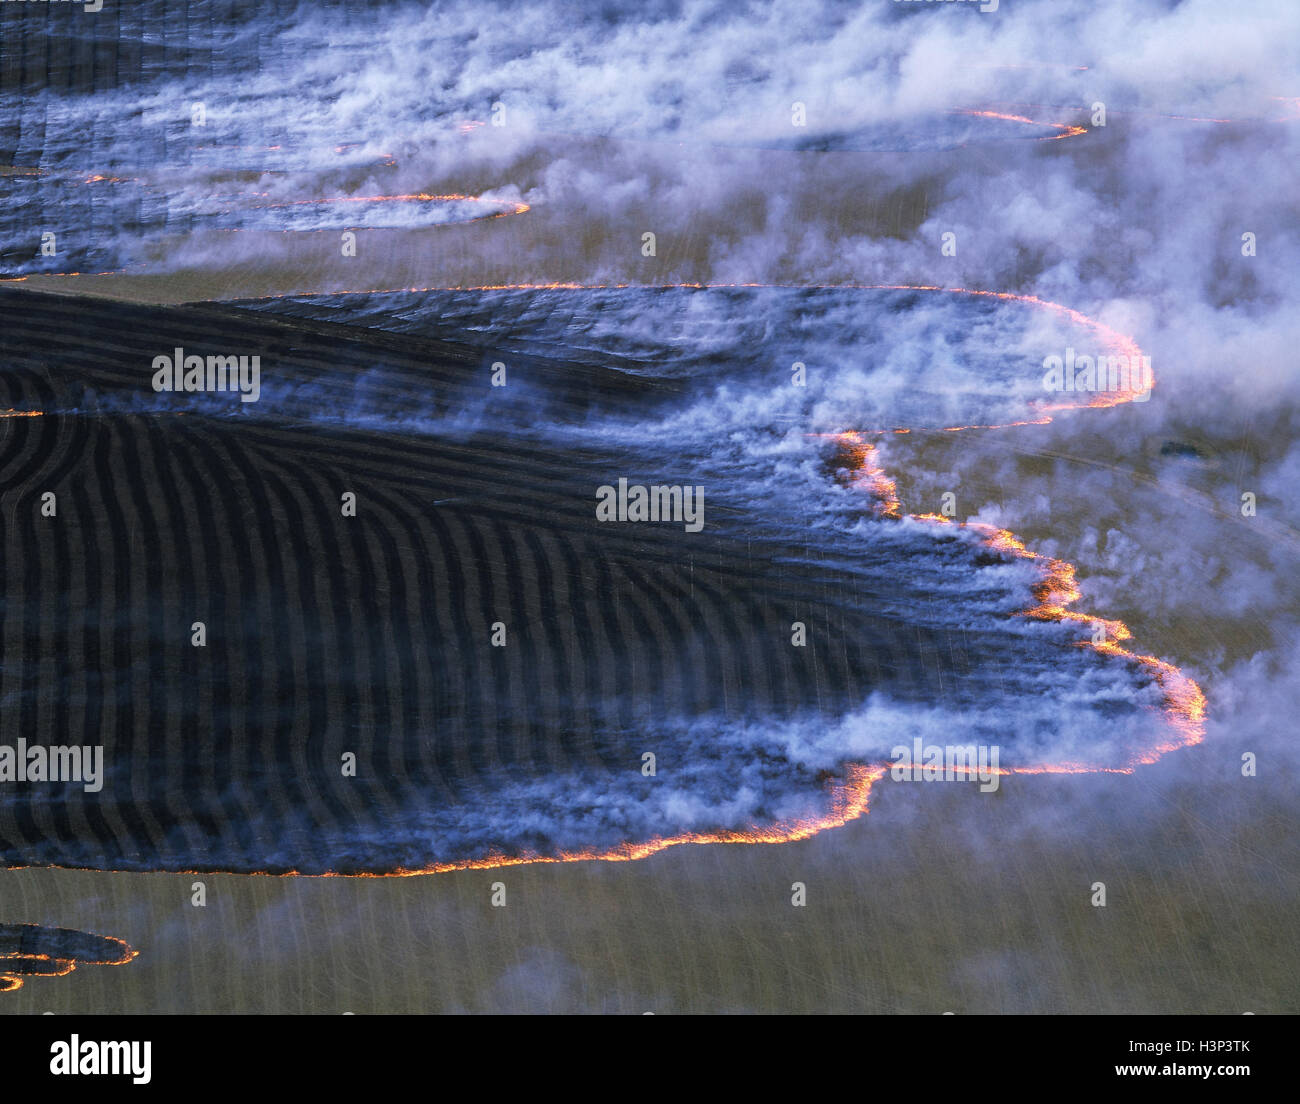 Le feu sur les terres agricoles, les brûler. Photo Stock